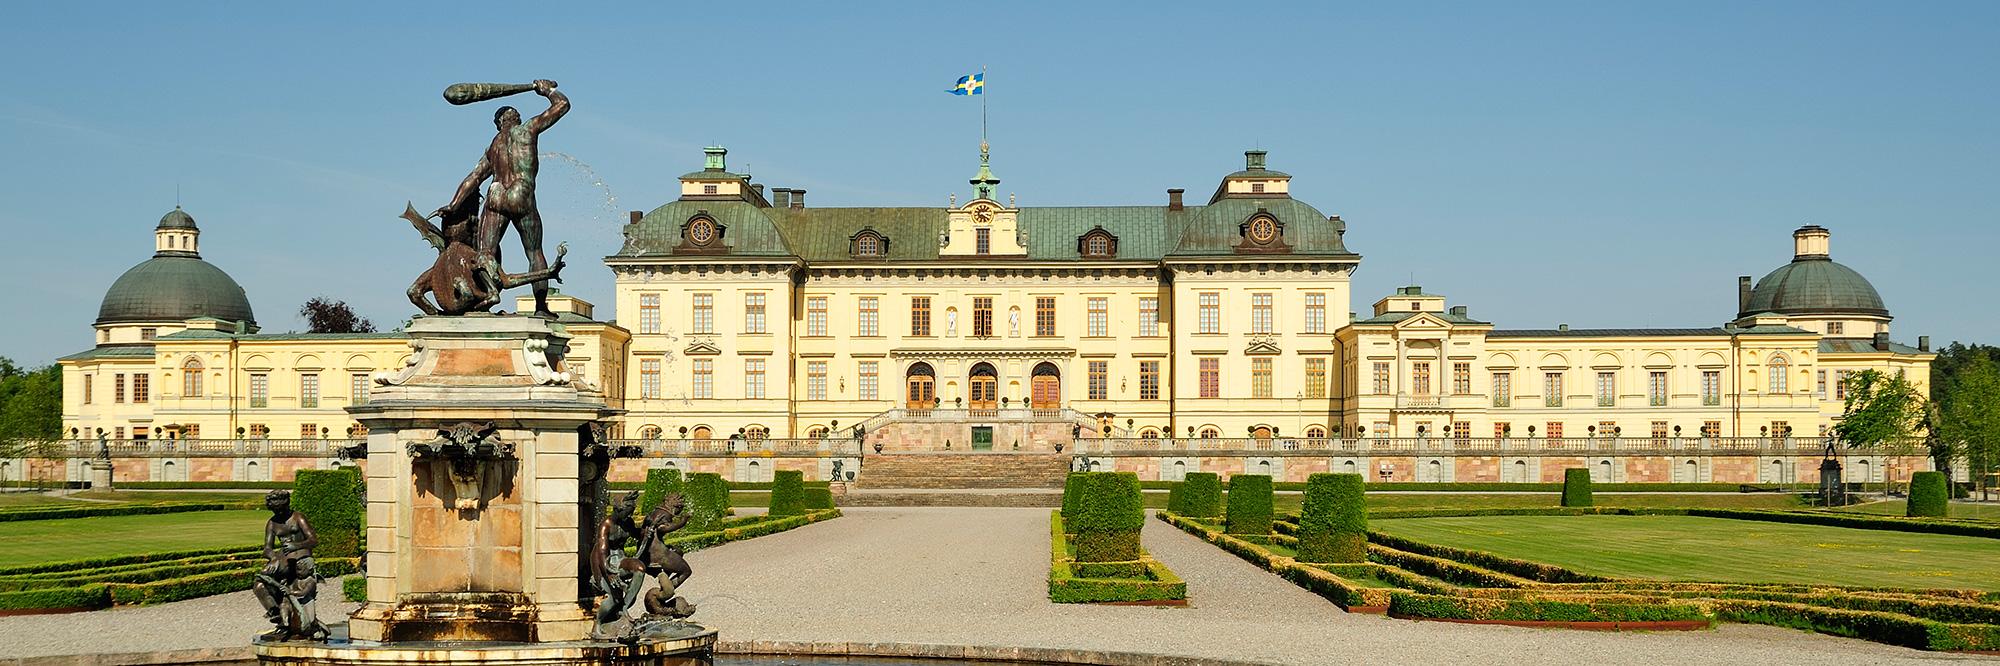 Visite du site de Drottningholm